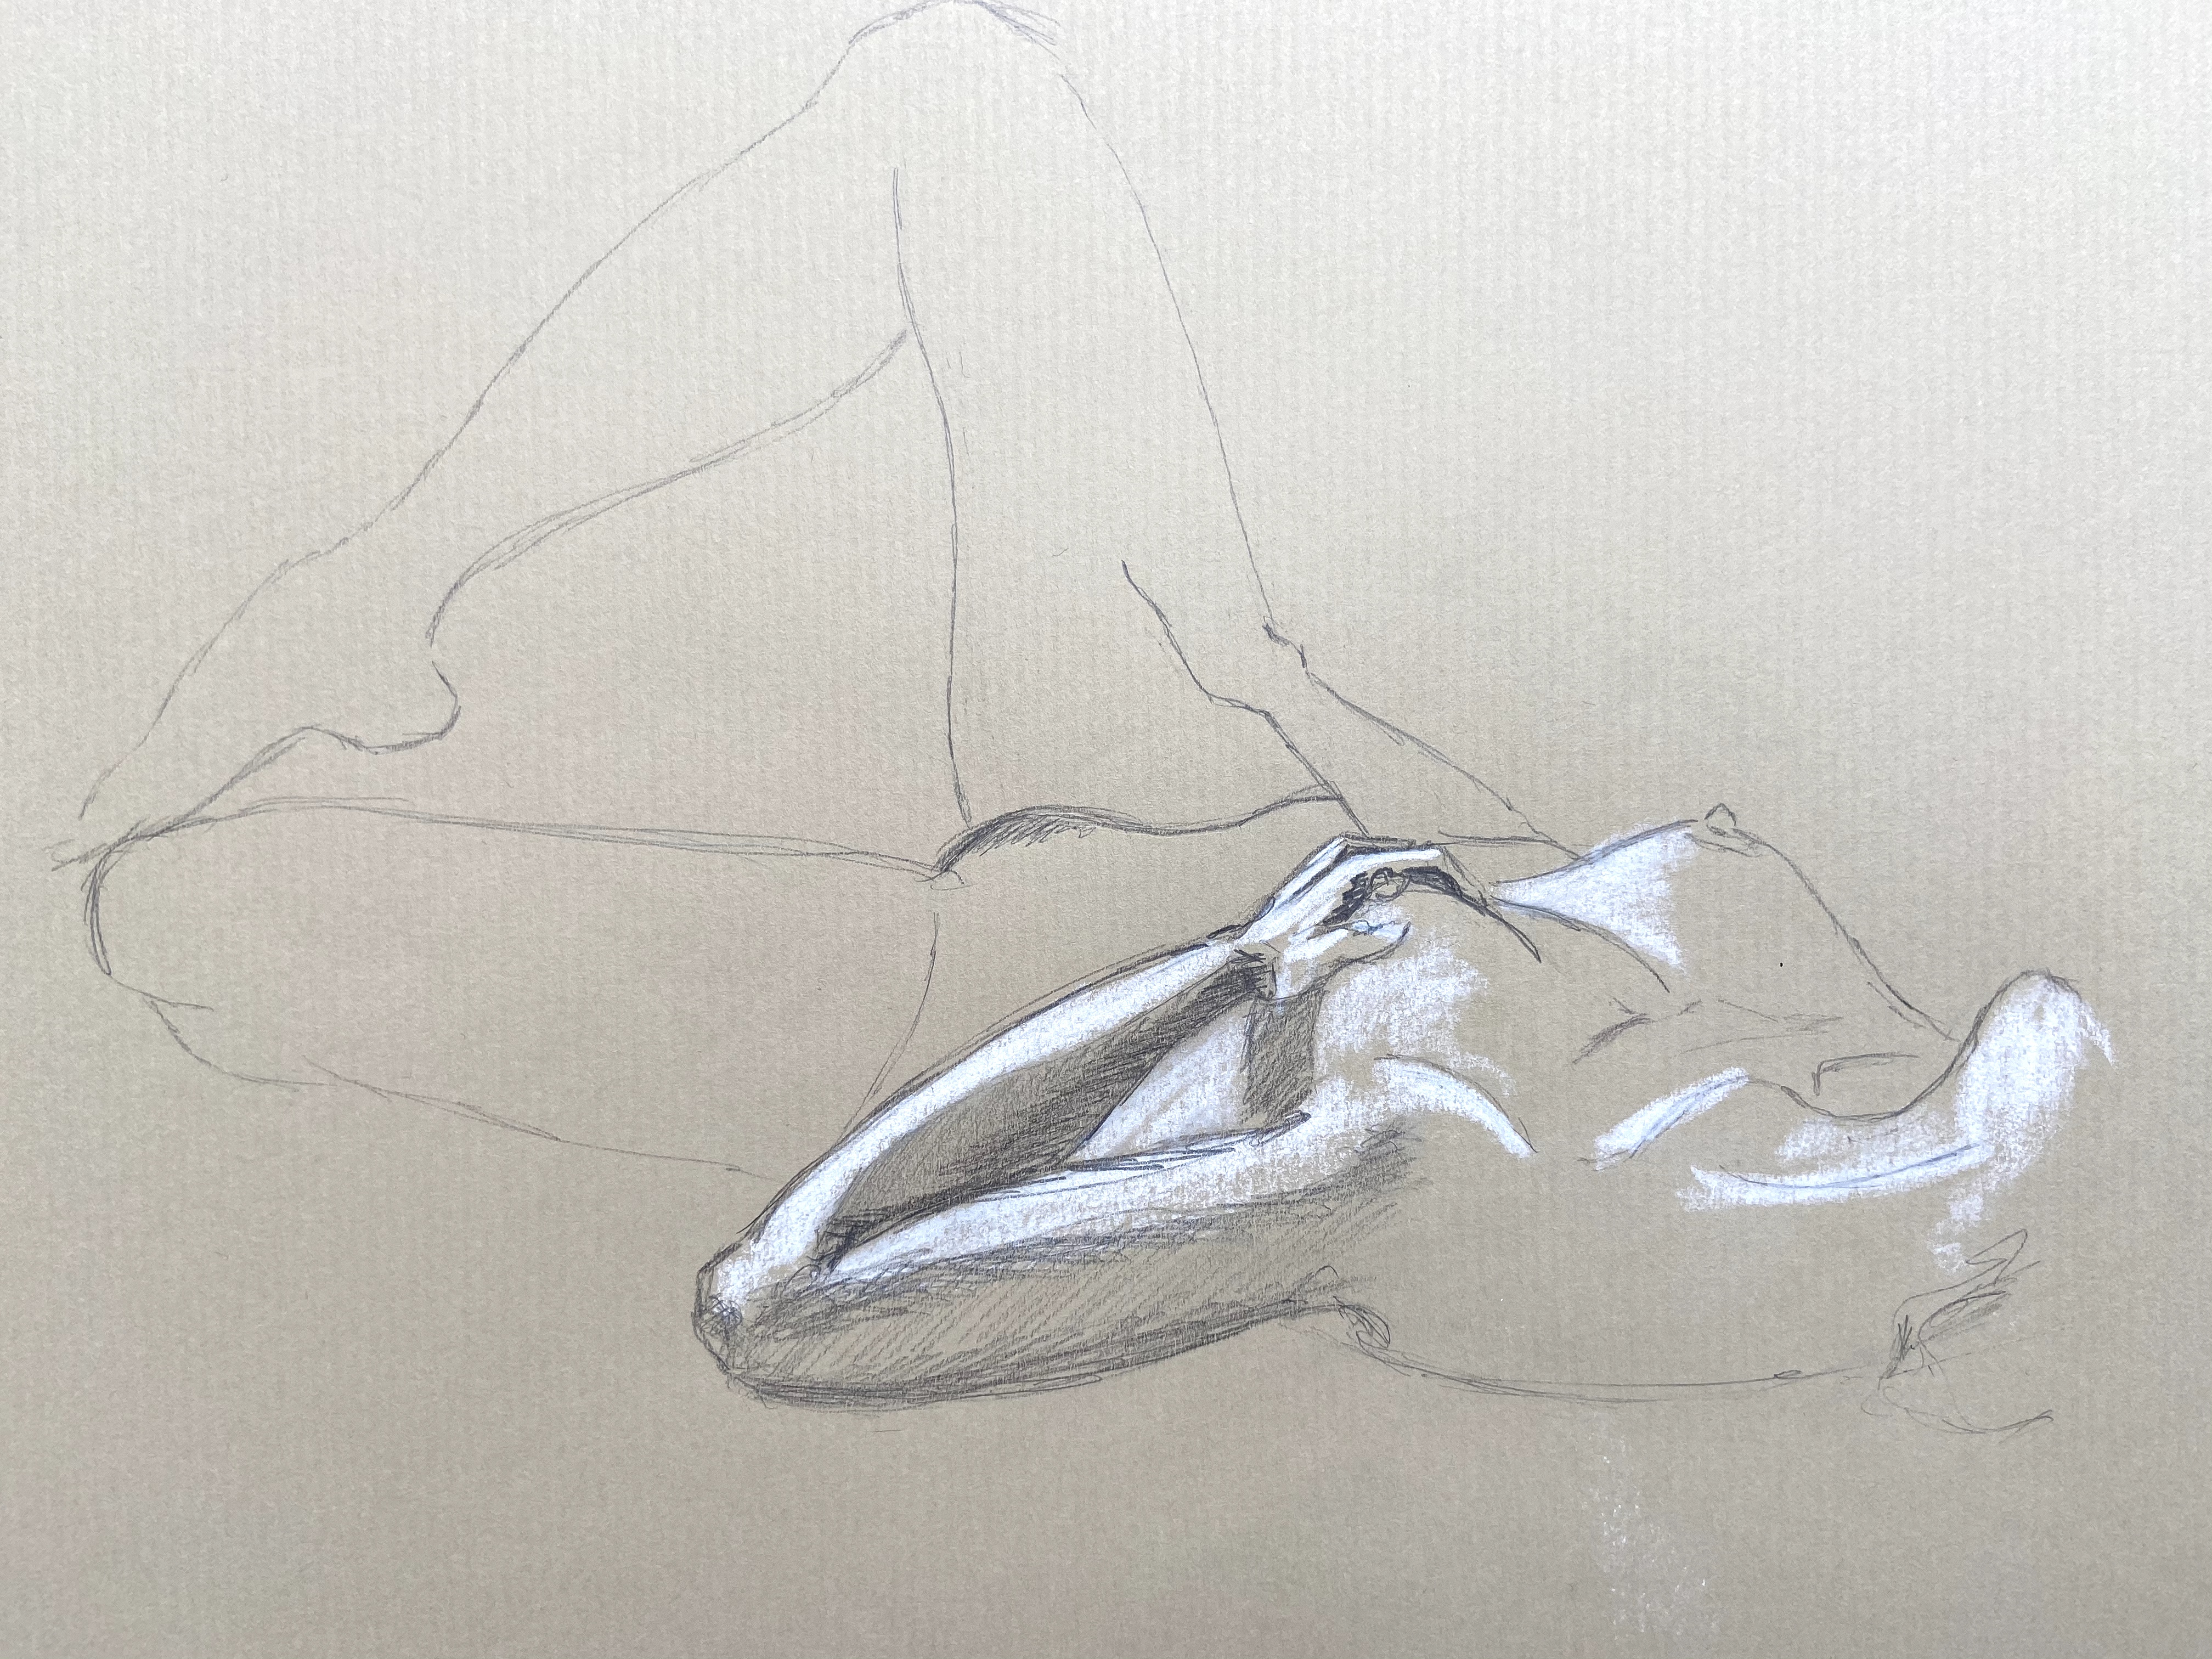 Esquisse dessin graphite pastel blanc sur papier Kraft  cours de dessin